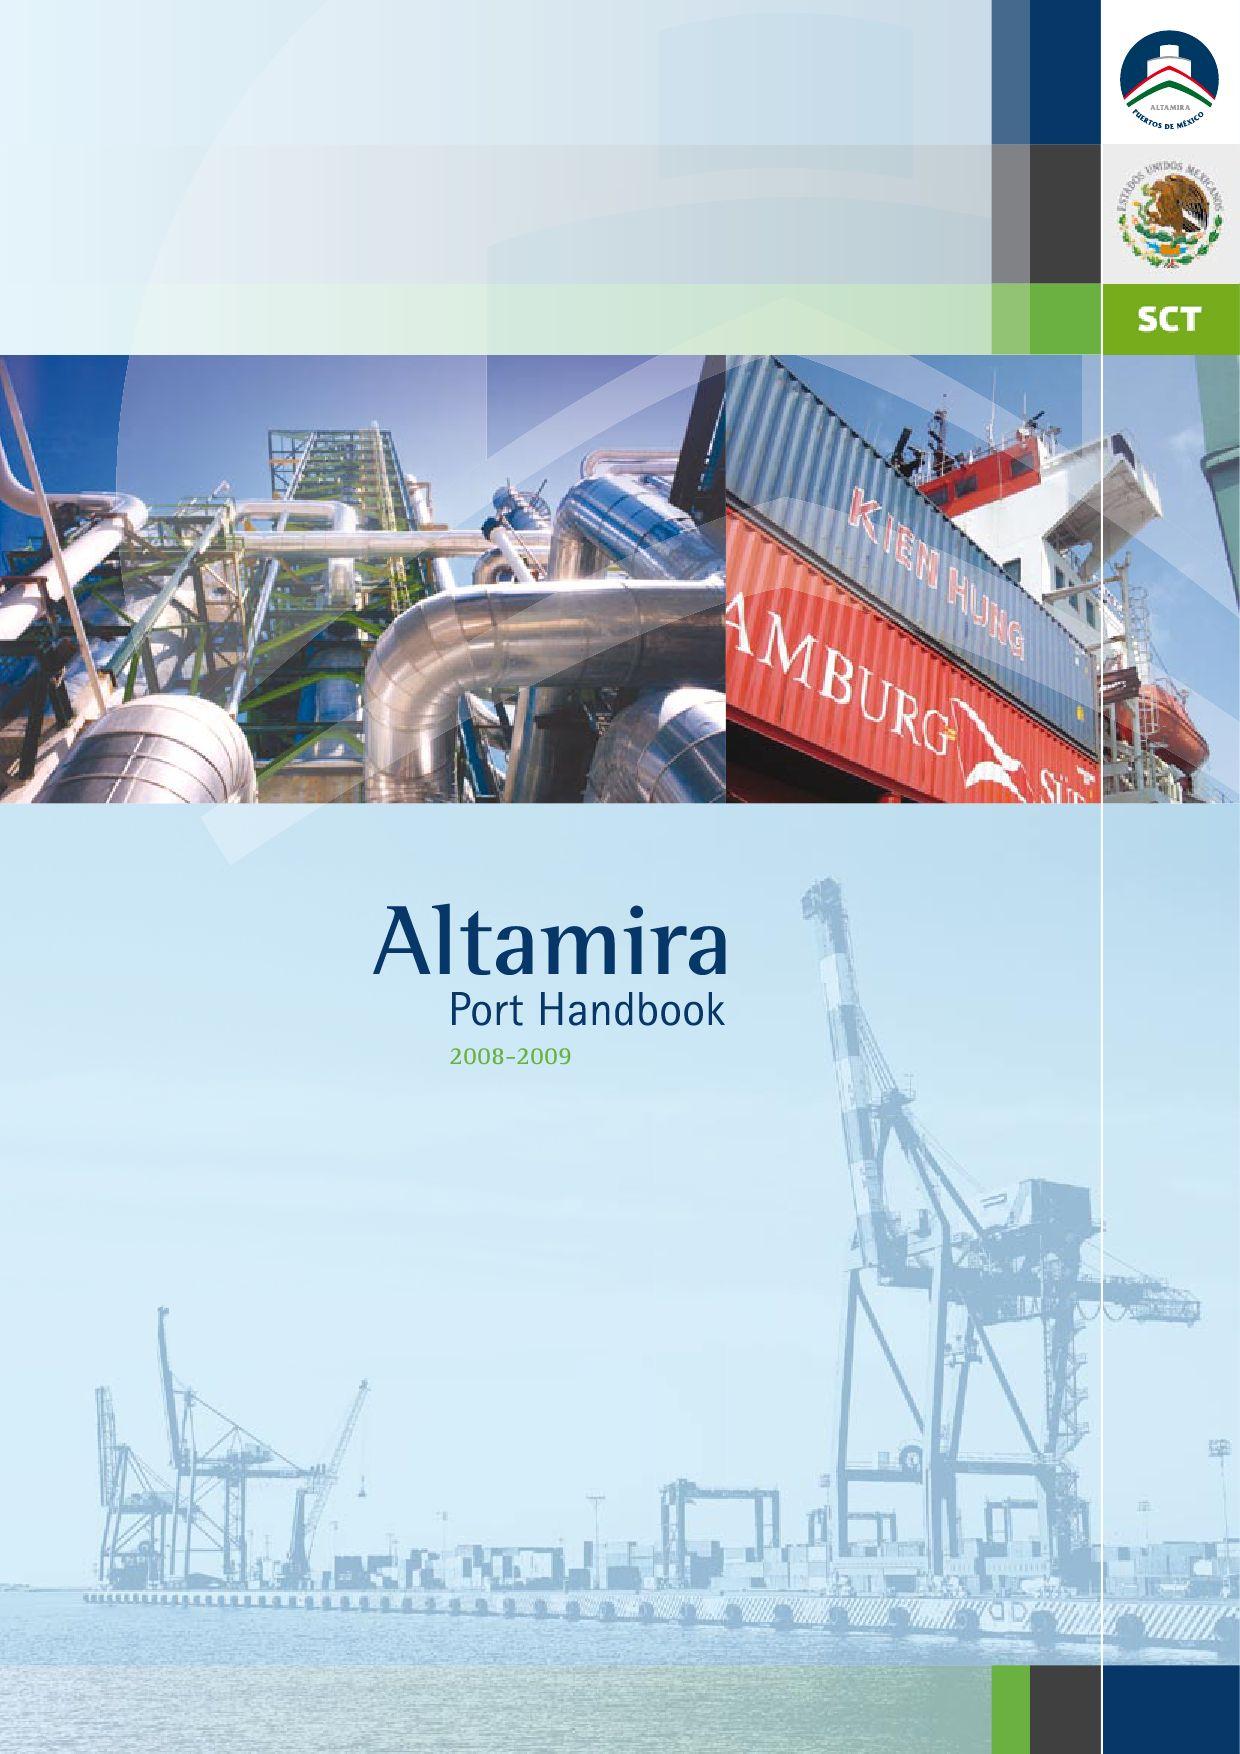 altamira port handbook 2008